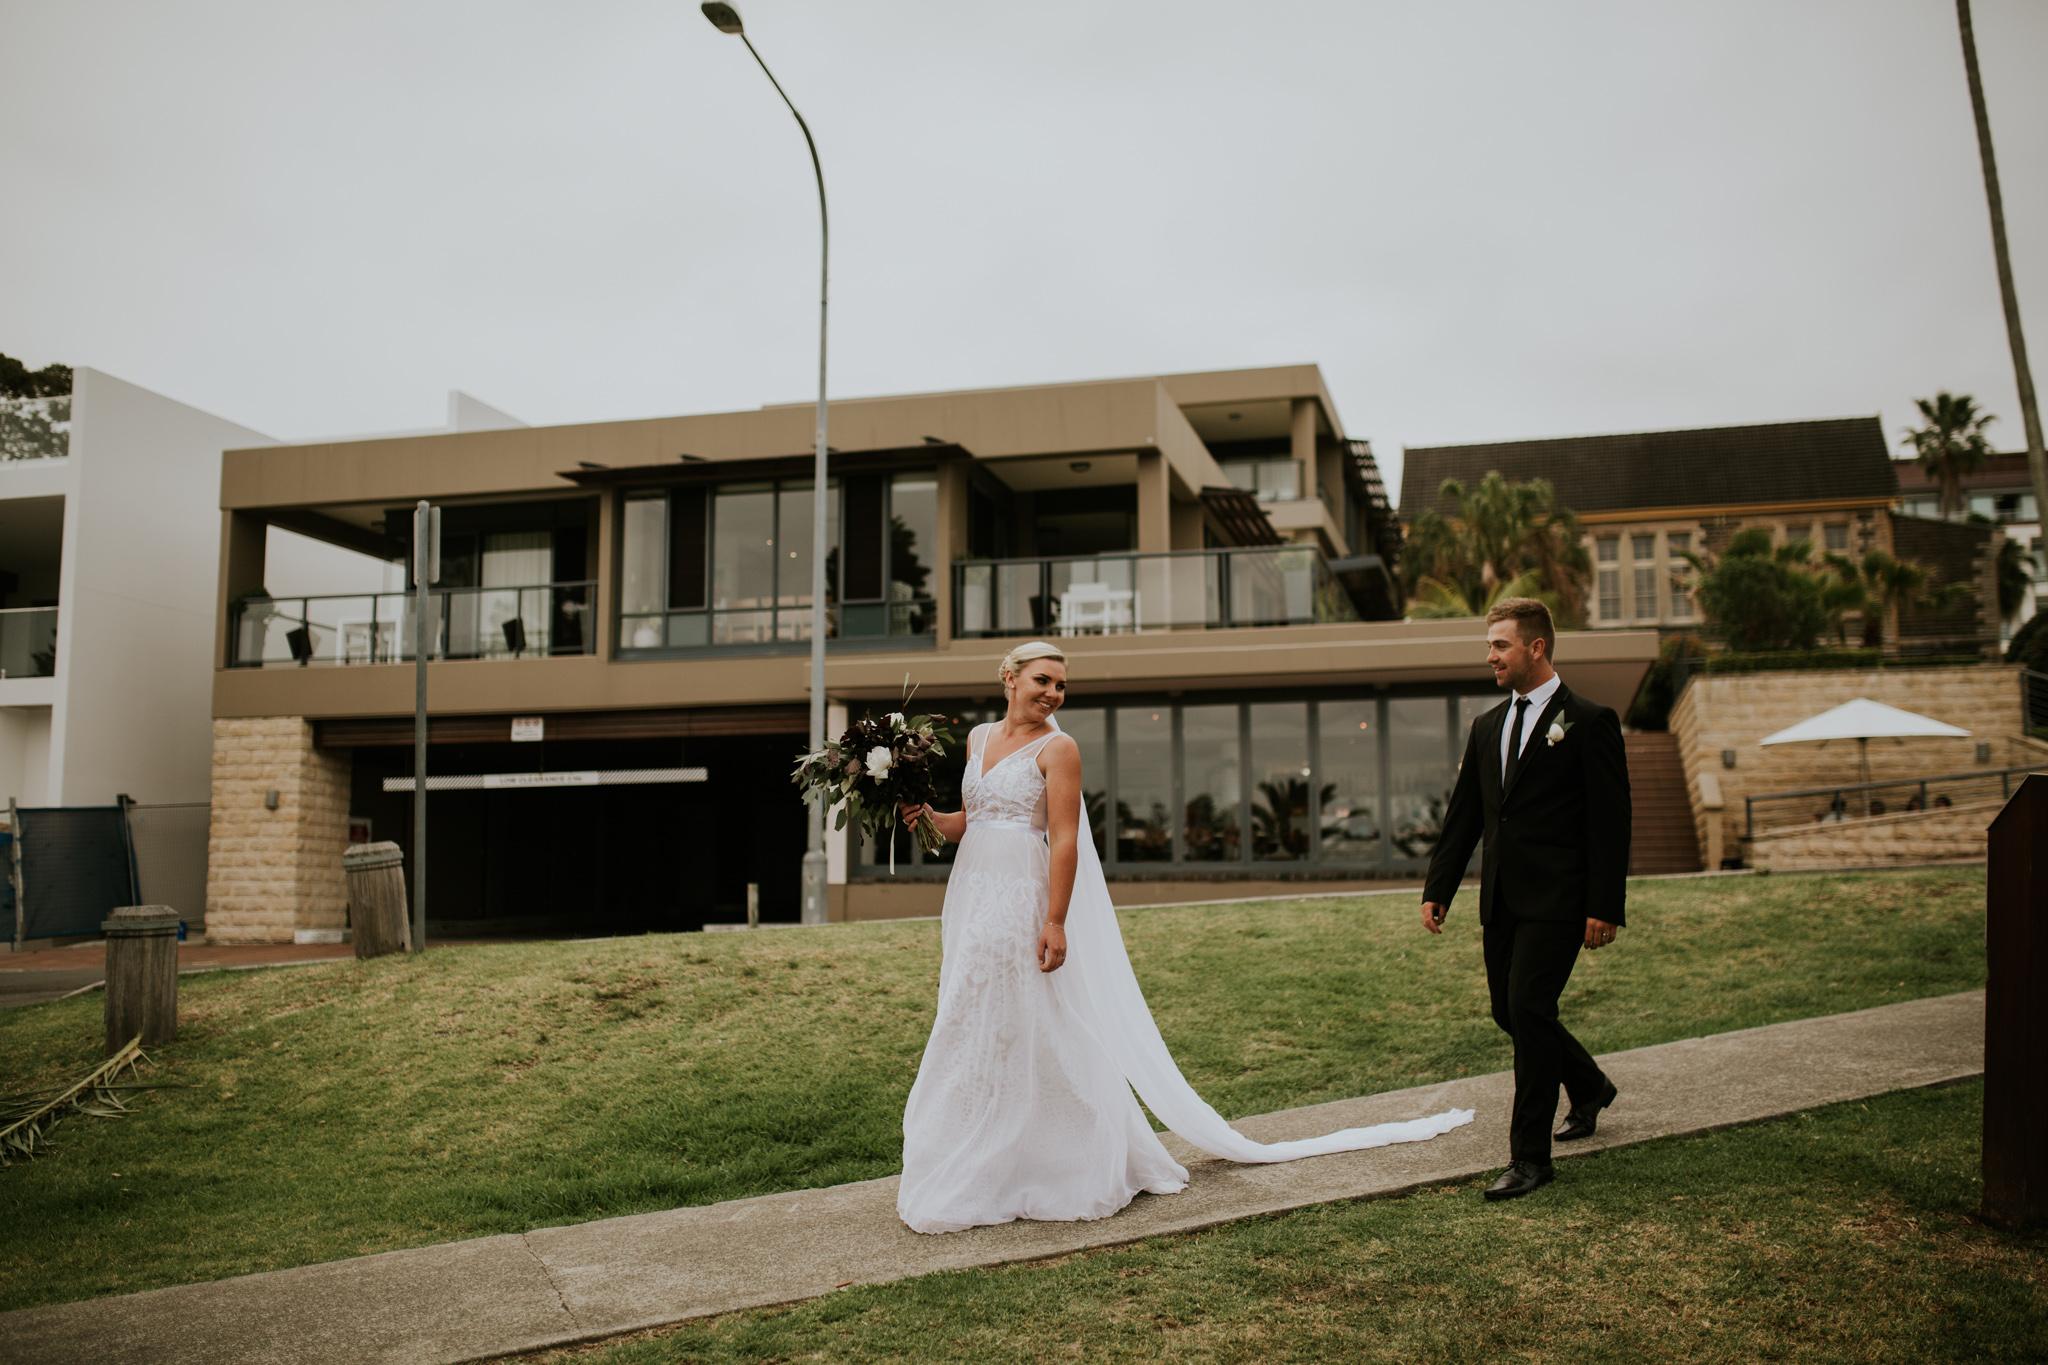 Lucy+Kyle+Kiama+Sebel+wedding-121.jpg